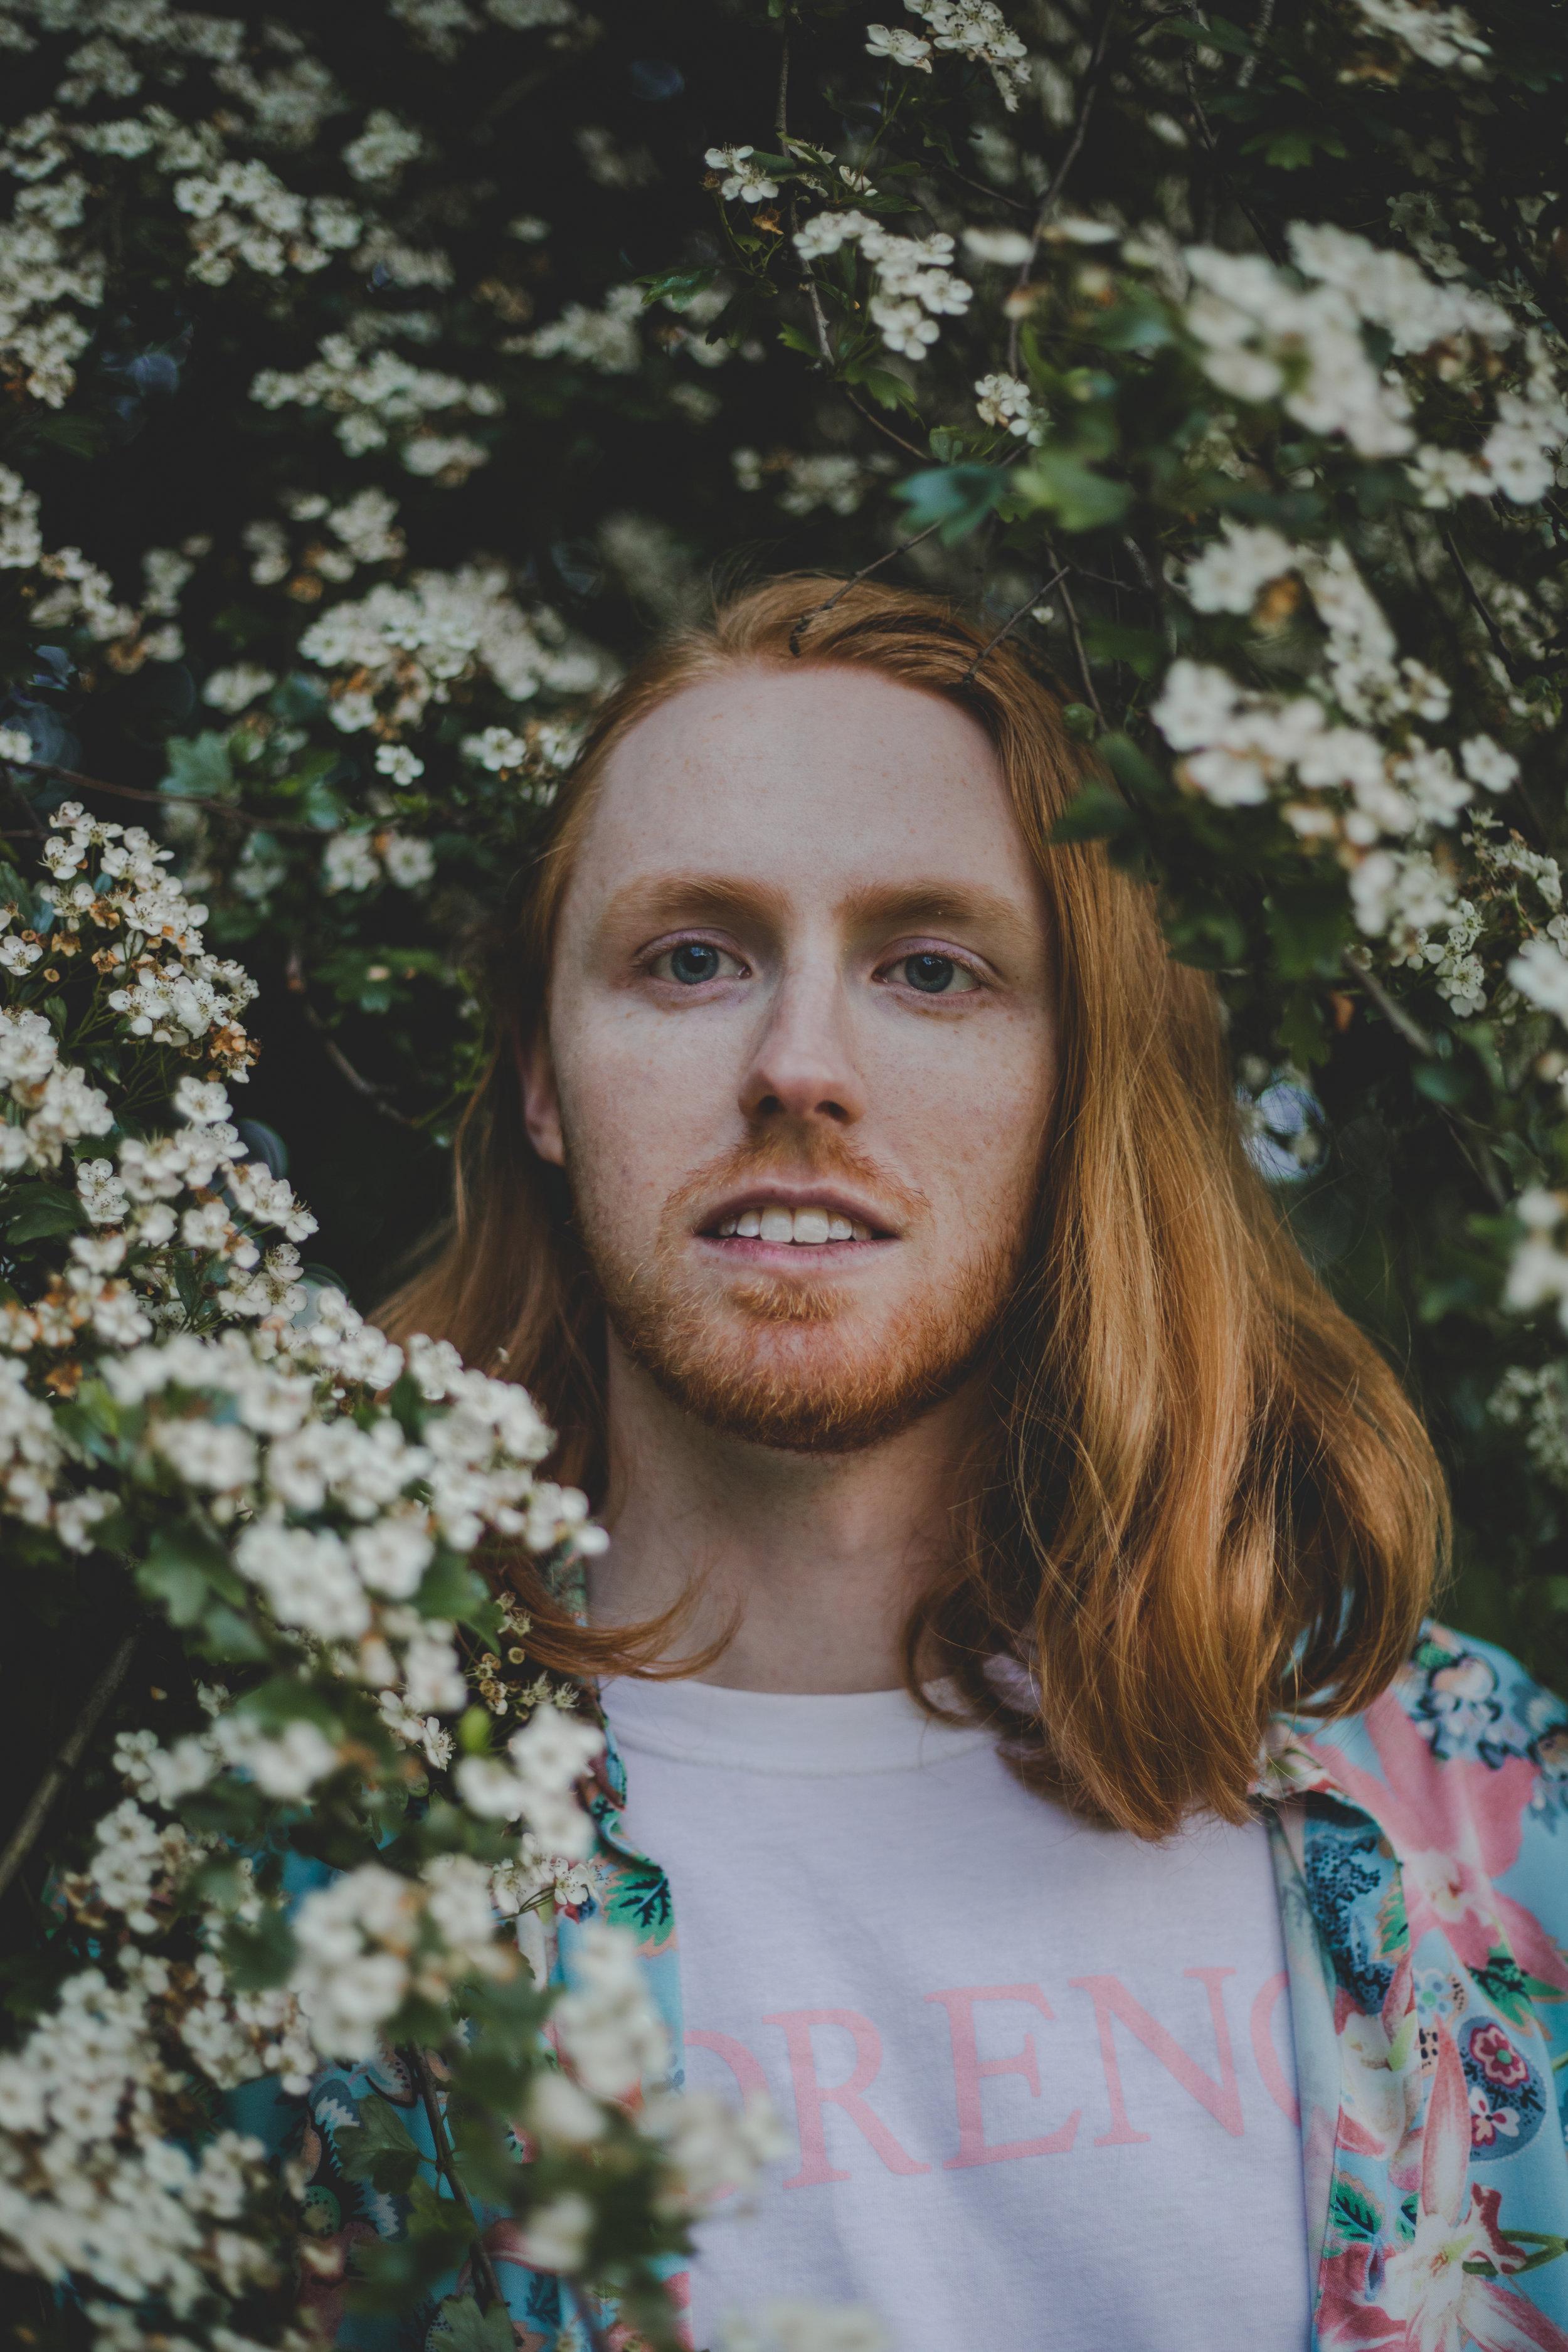 Luke in Bloom